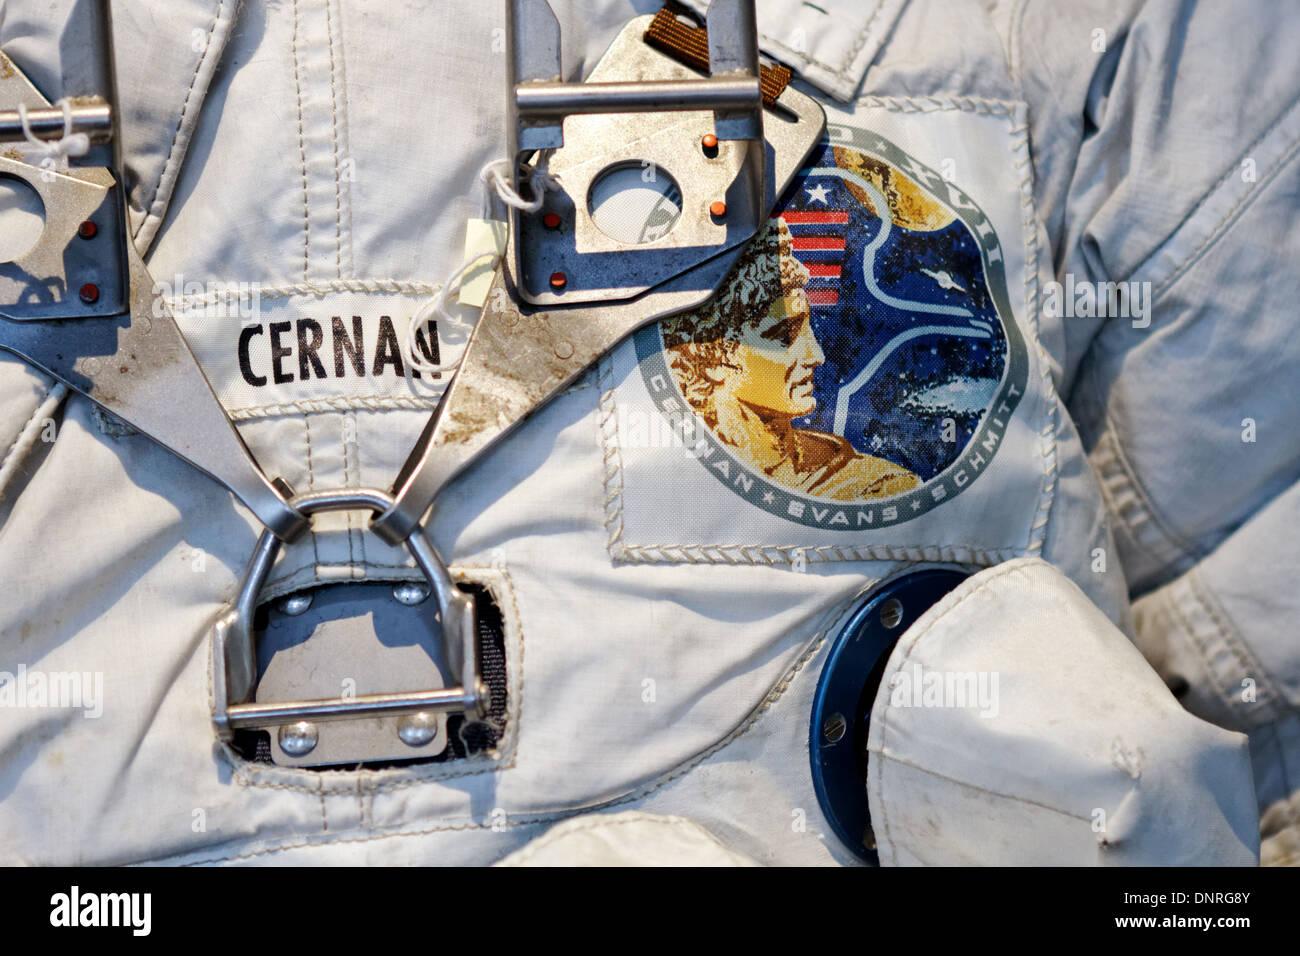 Kennedy Space Center, Eugene Cernan Apollo suit, Apollo 17 - Stock Image